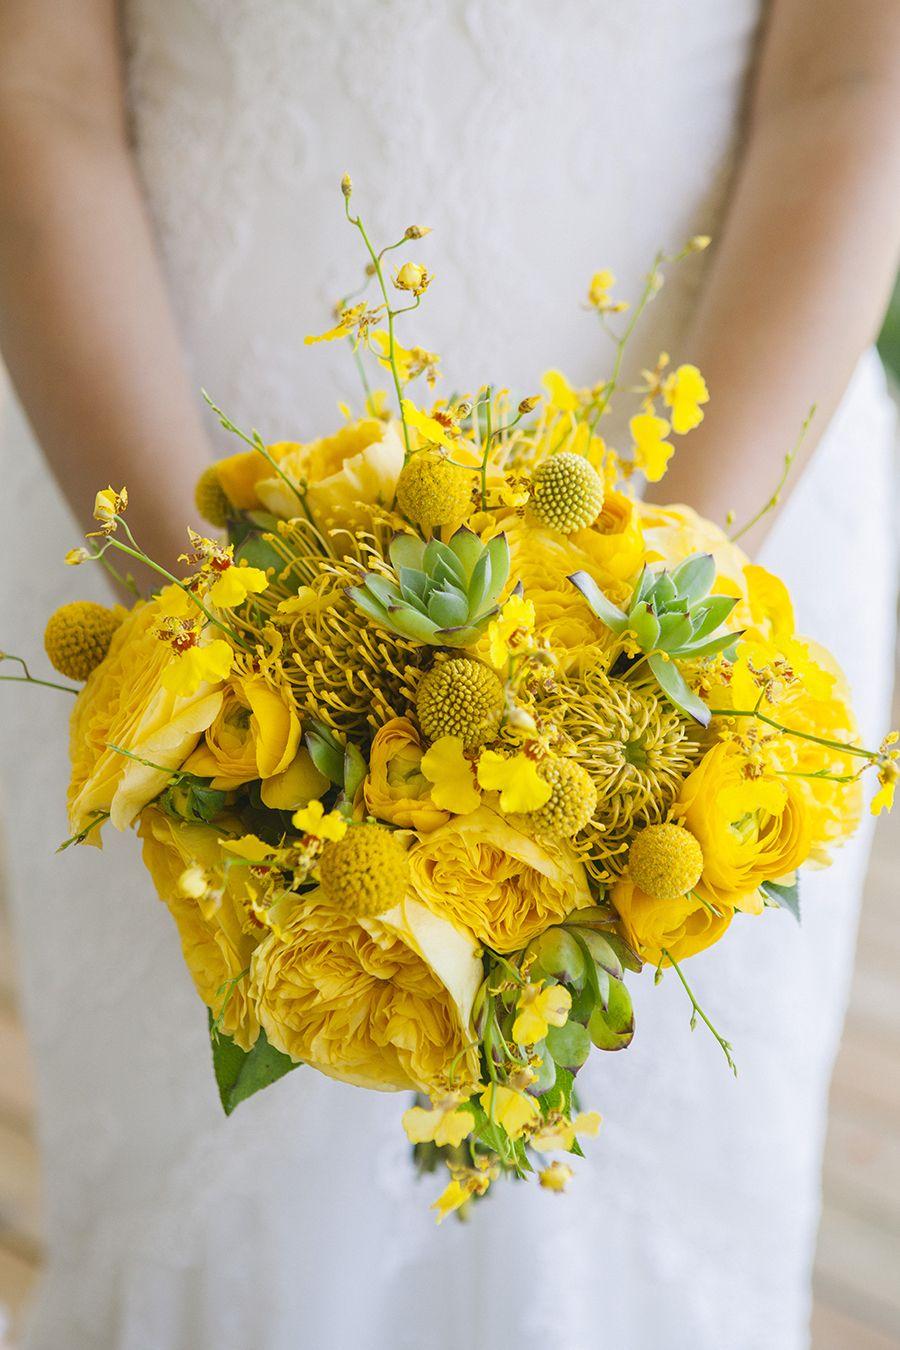 Yellow Garden Roses, Craspedia, Protea, Spray Orchids and